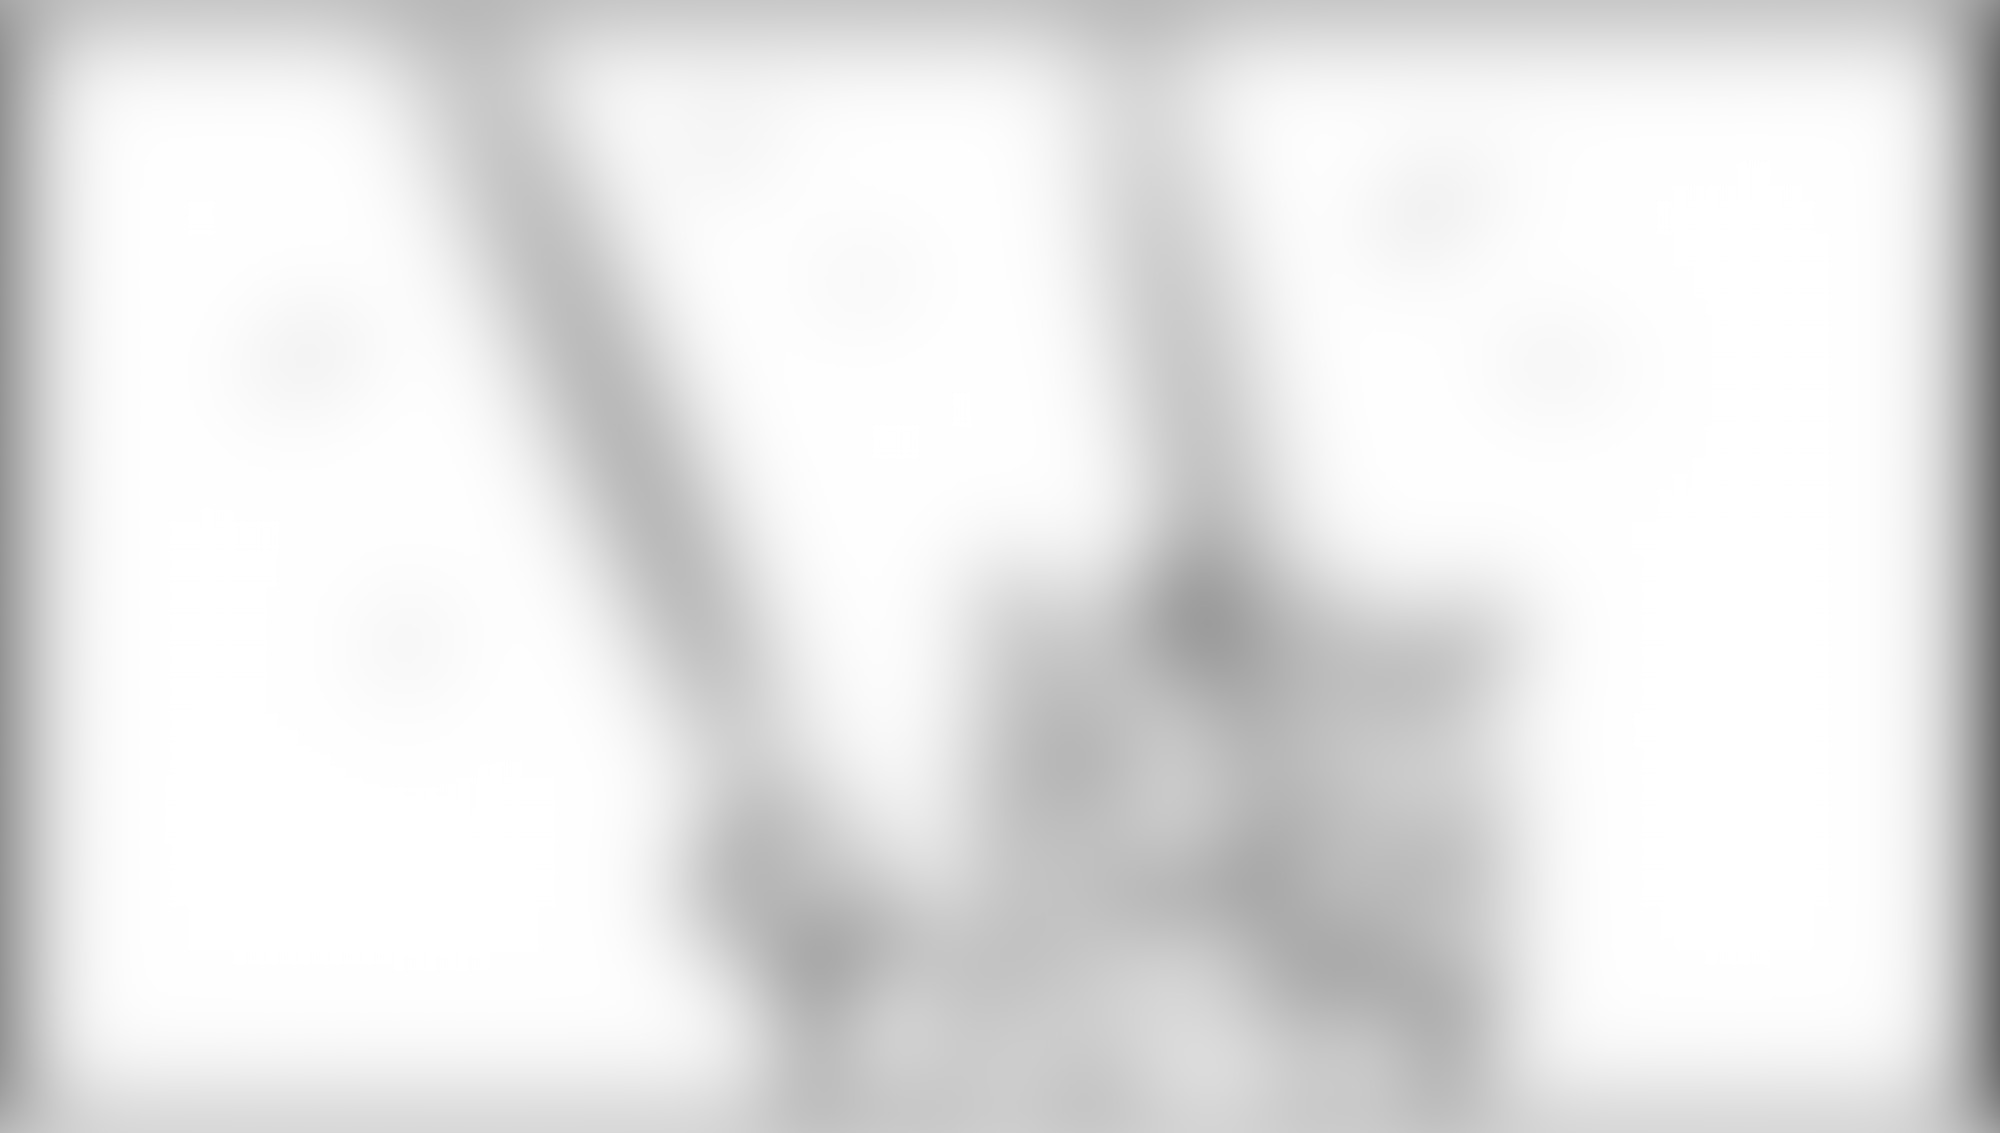 Floo7 autocompressfitresizeixlibphp 1 1 0max h2000max w3 D2000q80s95d26093a7b7e8d71cd691ad4a9e98c5